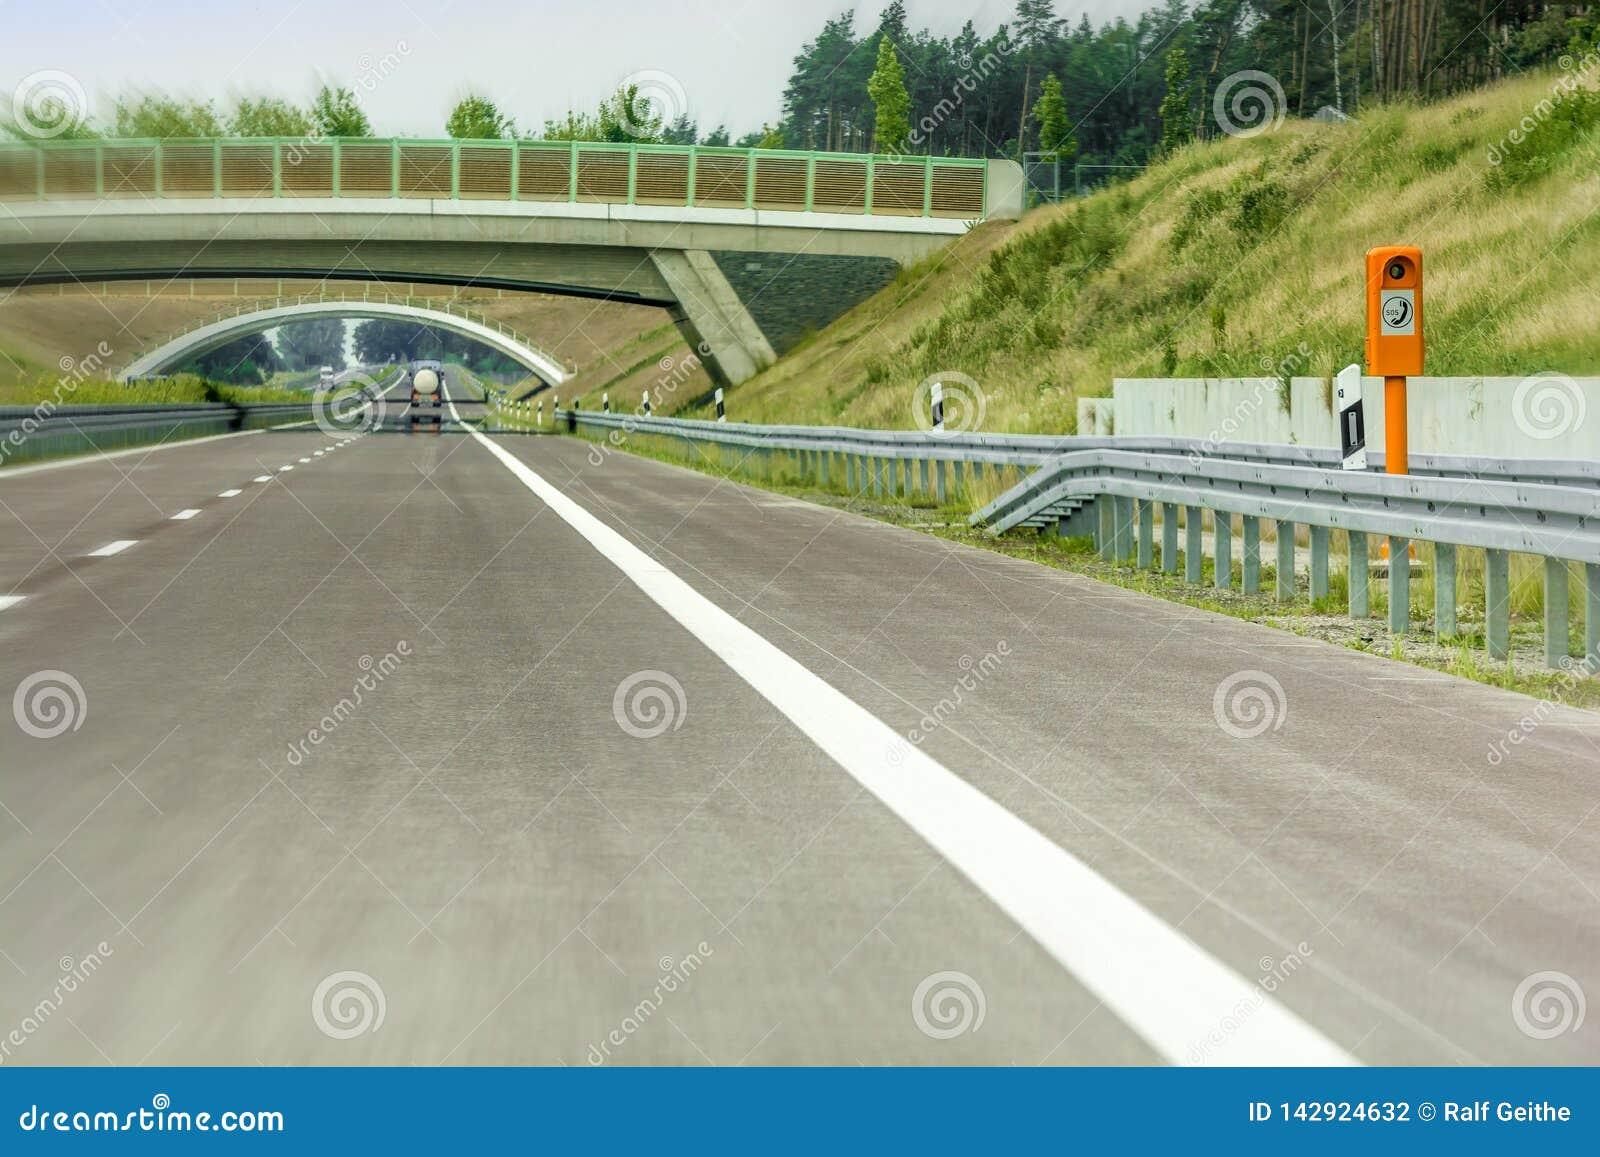 Nouvelle section d autoroute avec l appel d urgence et le pont vert